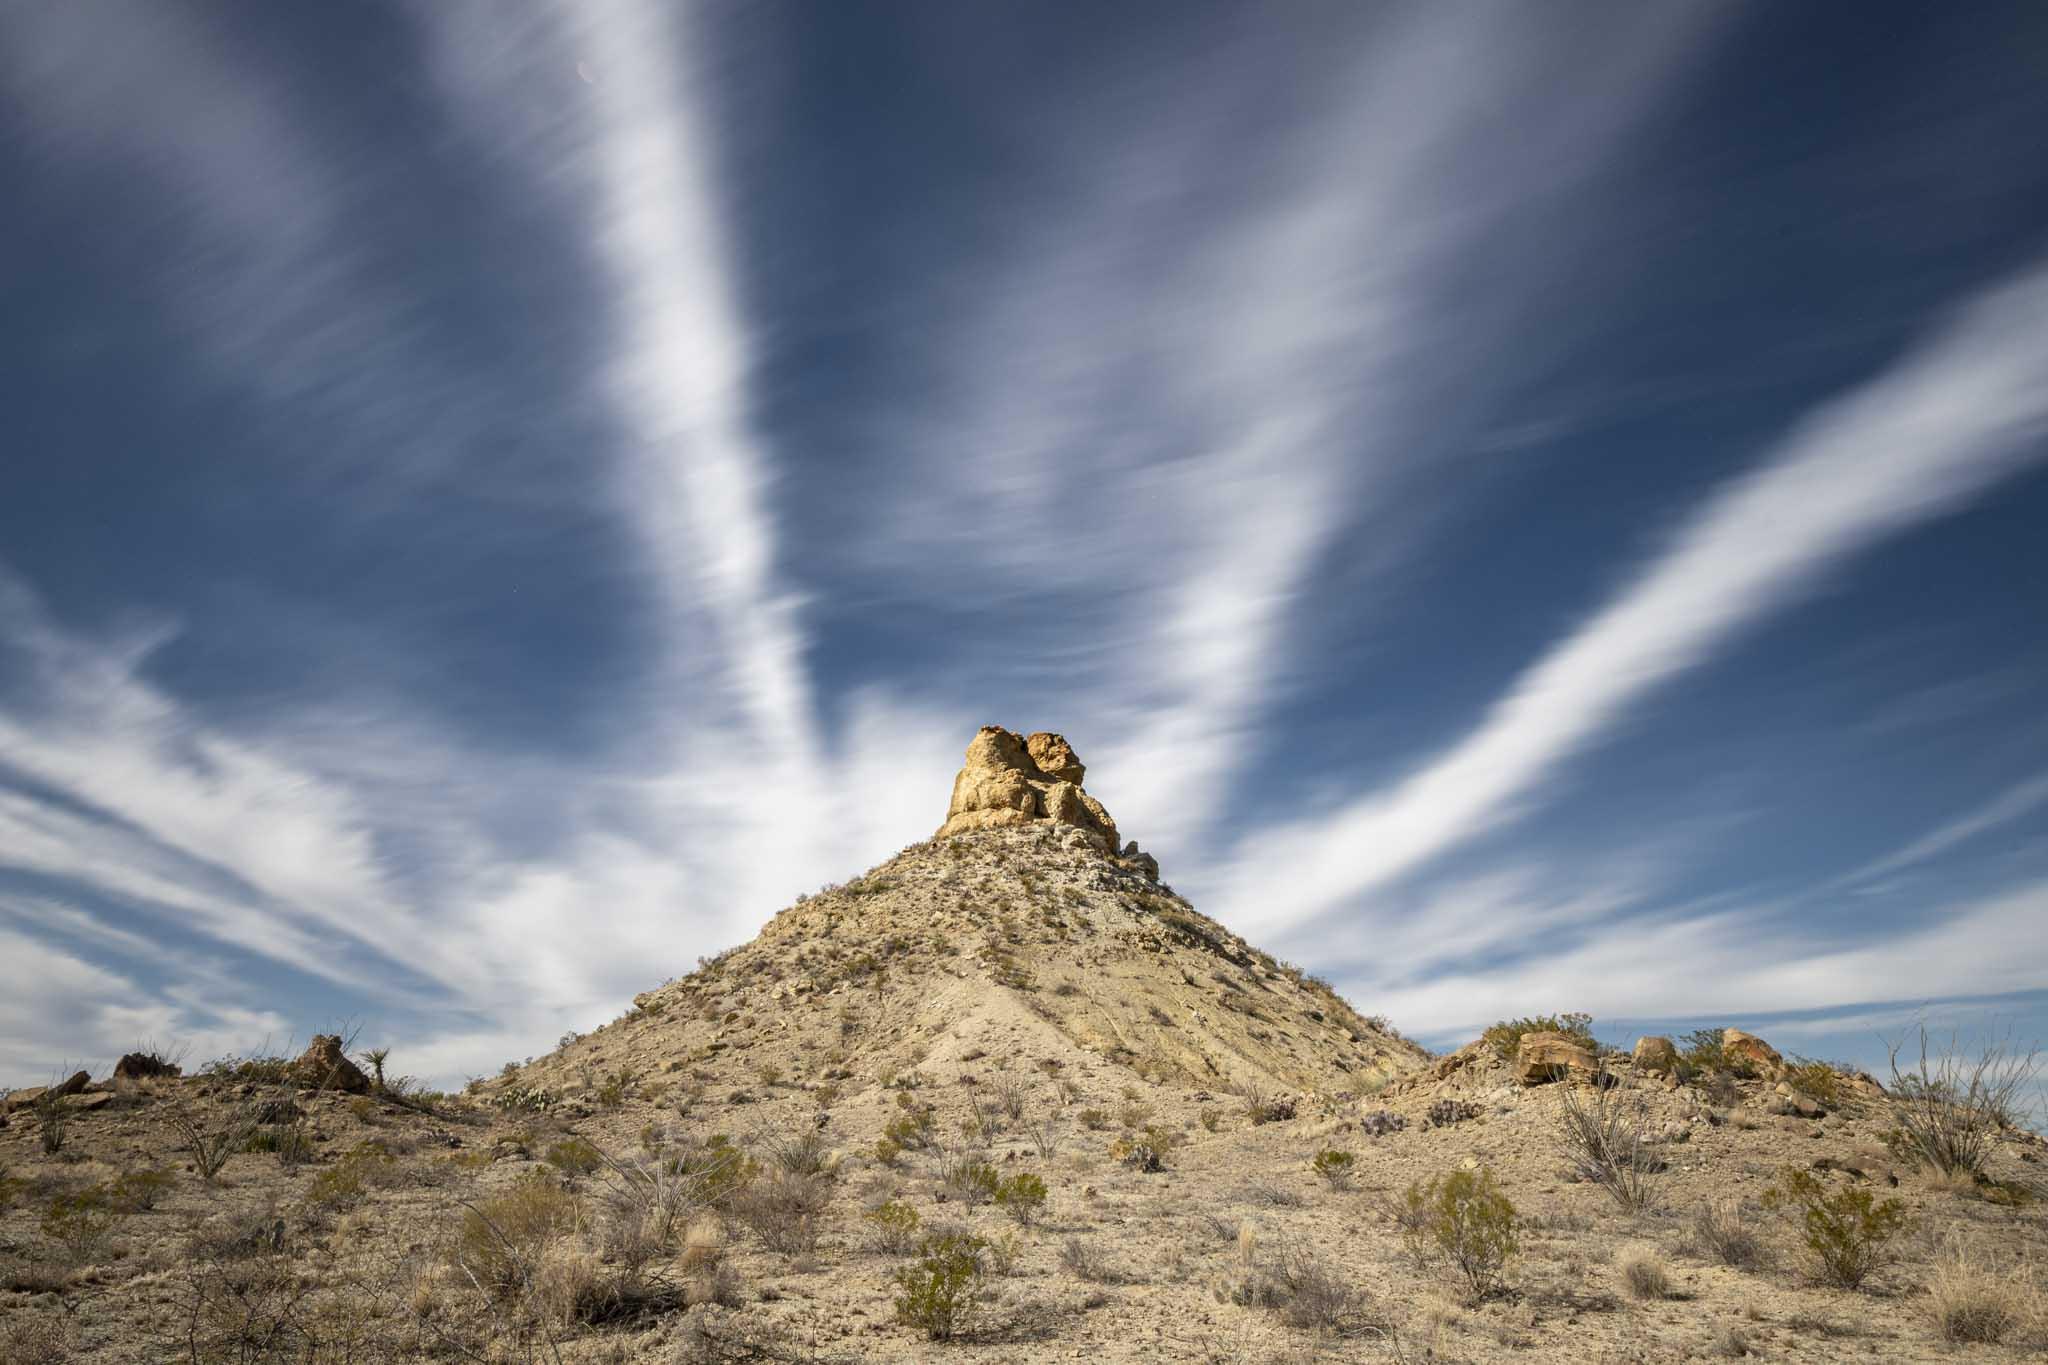 Nubes en el desierto del parque nacional big bend en texas fotografia de paisaje y naturaleza de Pablo Fregoso